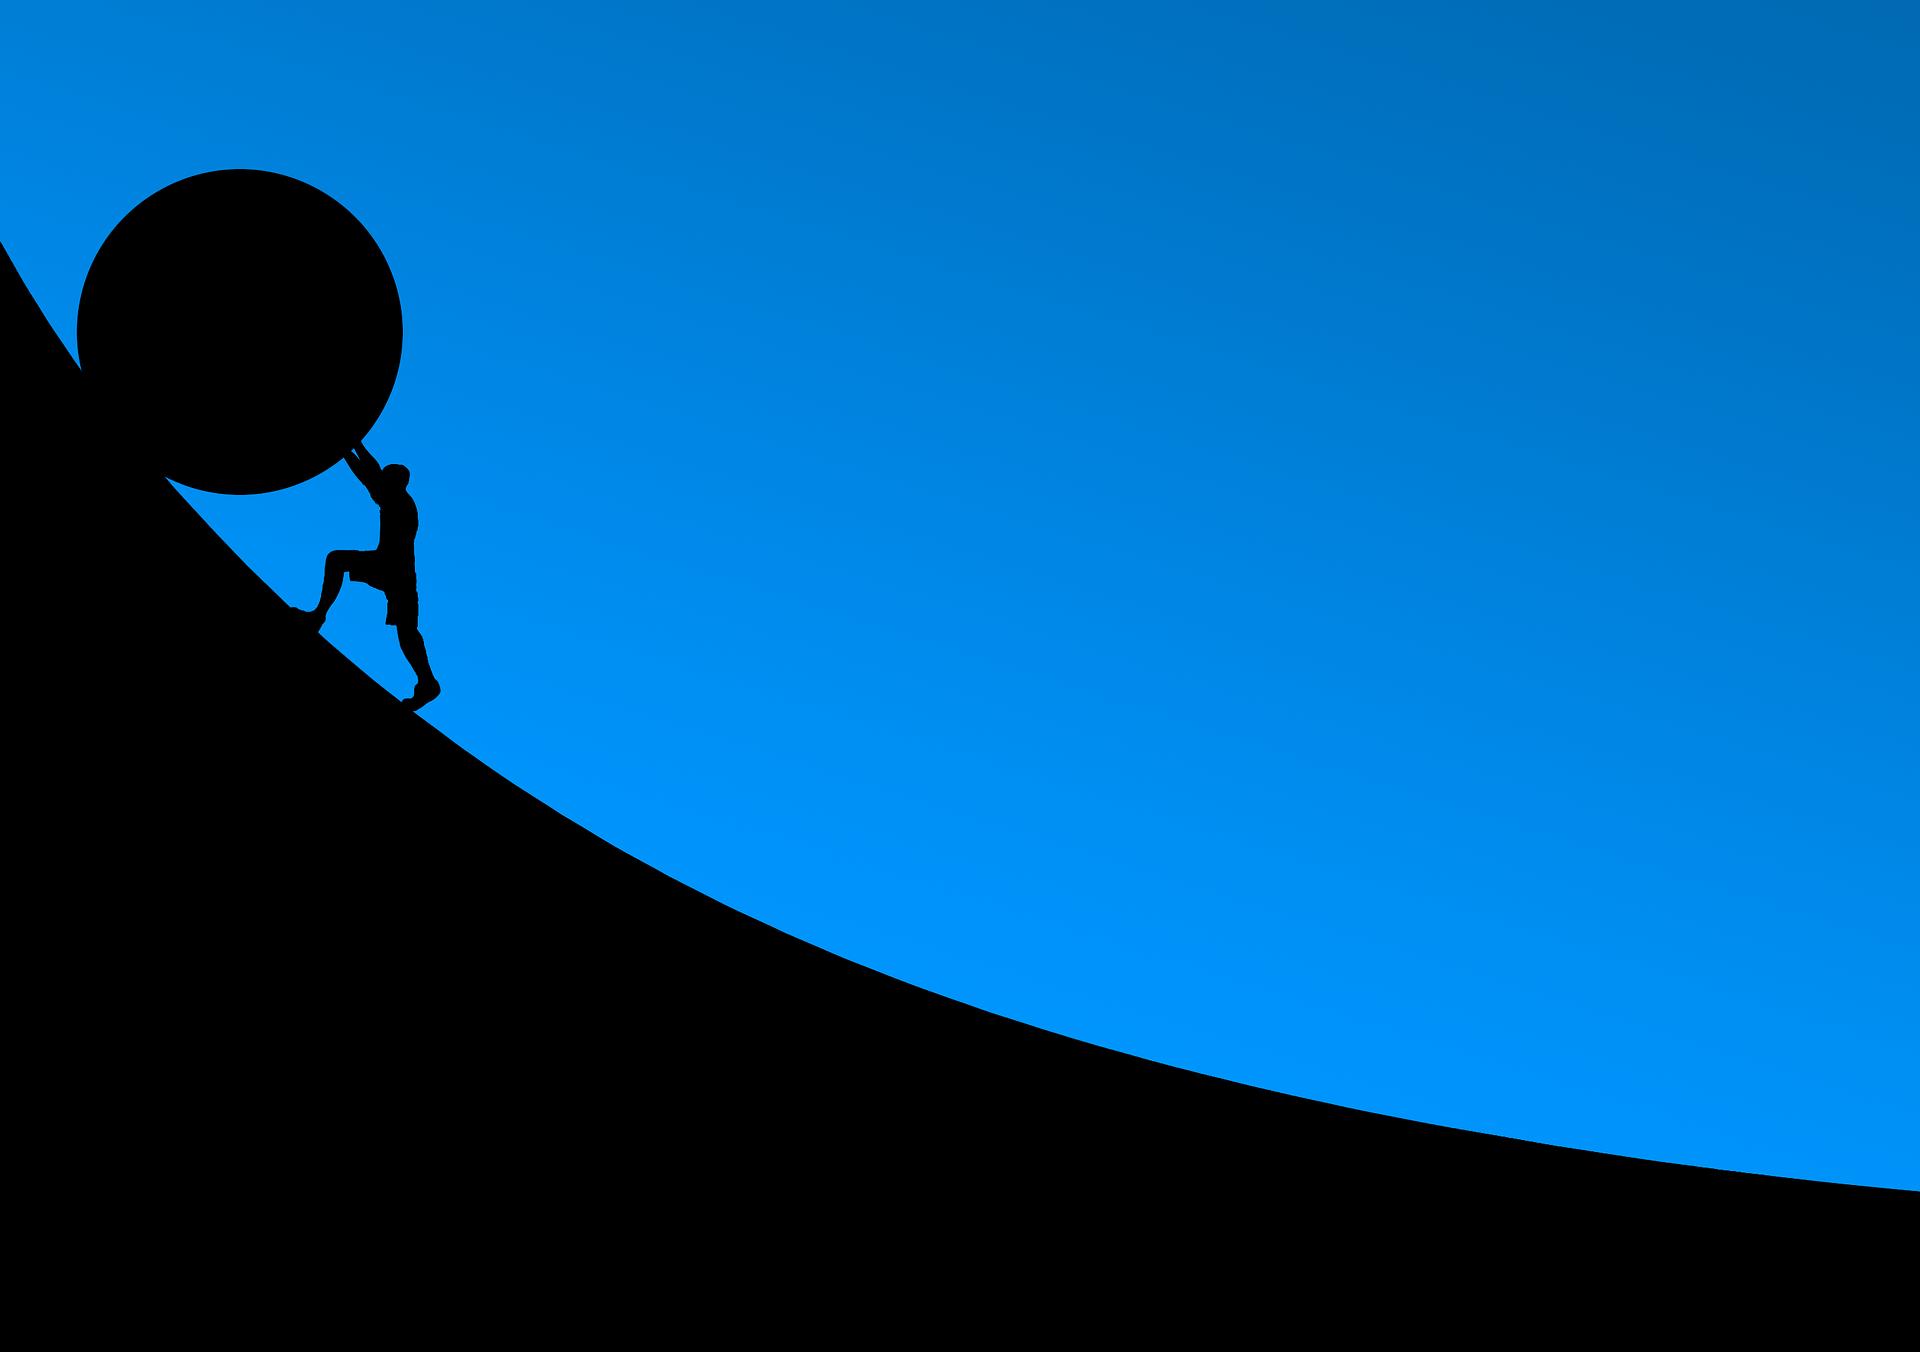 Imagen de Elias Sch. en Pixabay